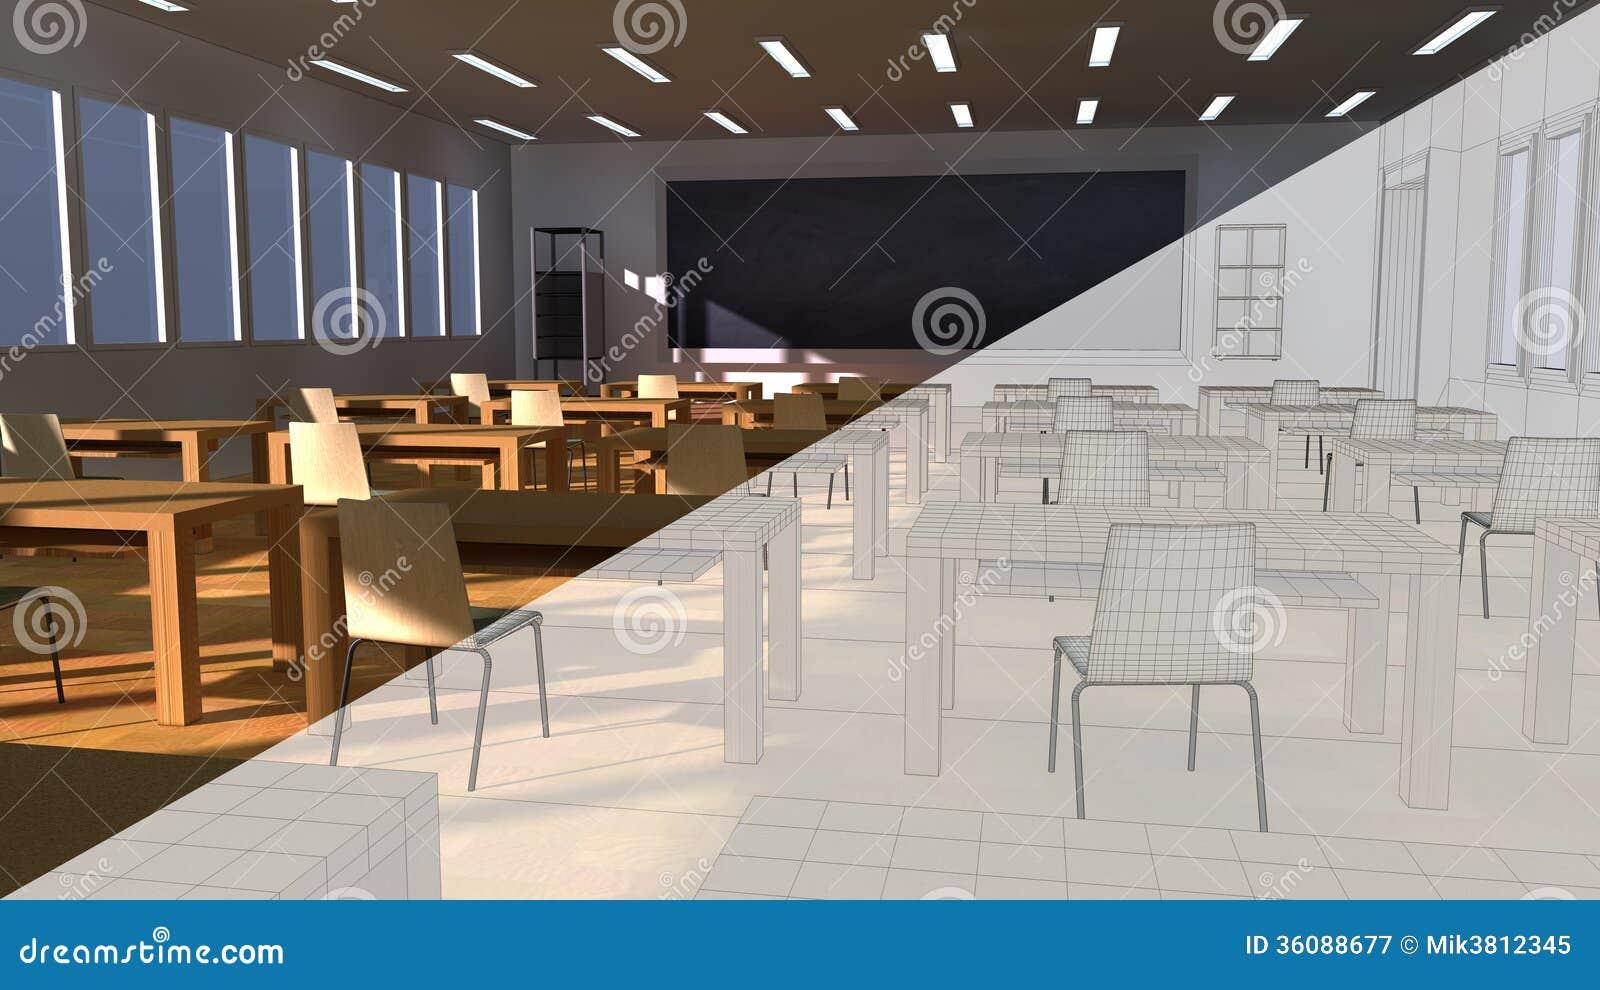 Architettura dell 39 aula illustrazione di stock for Programmi 3d architettura